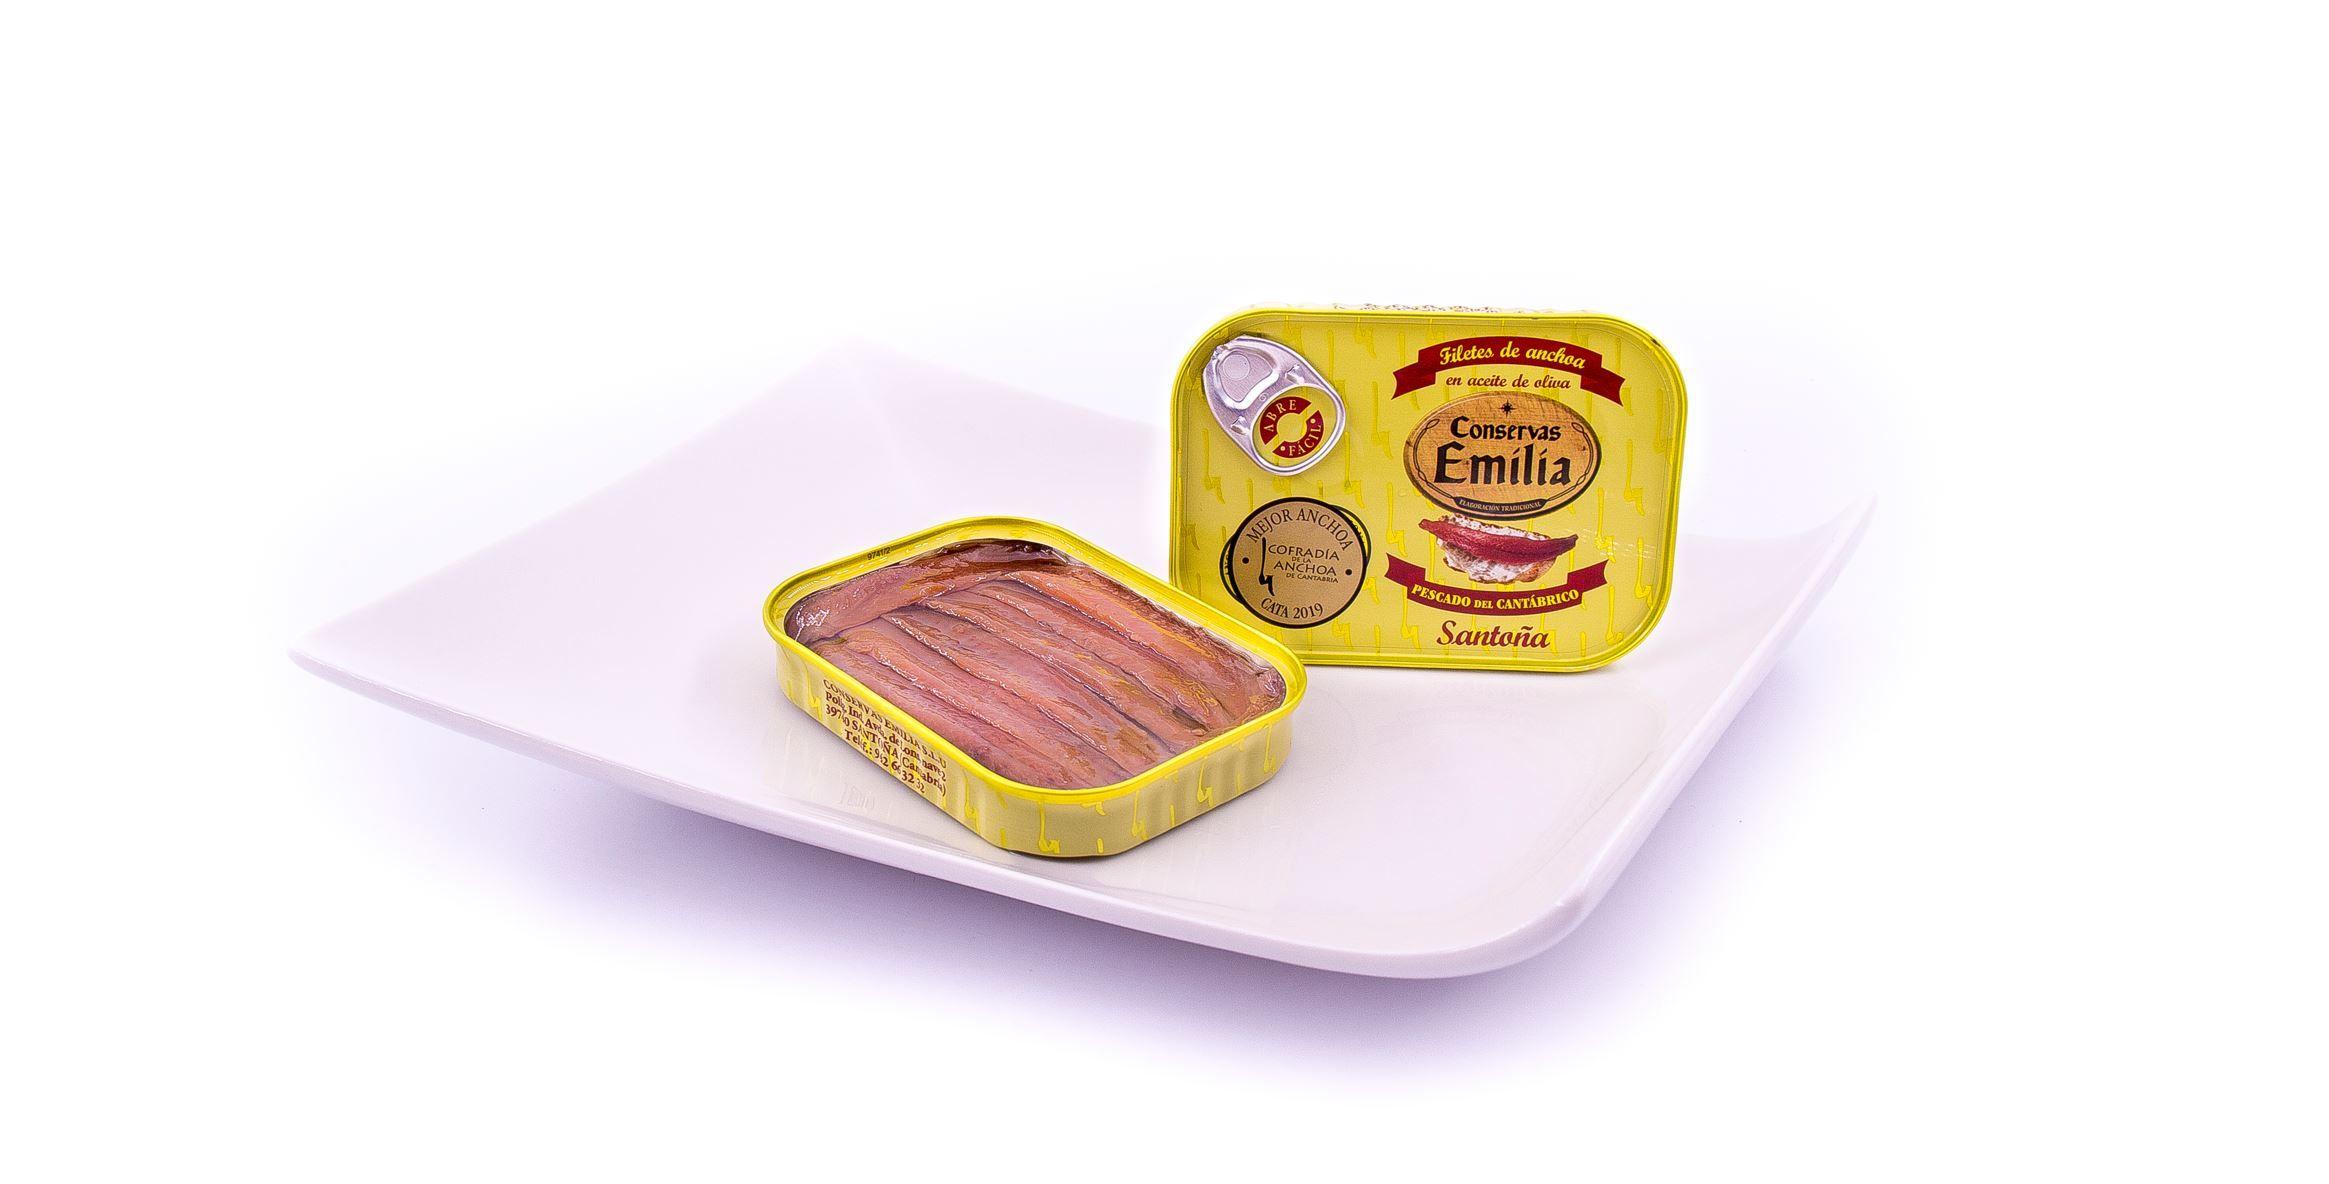 Alimentación sana con Conservas Emilia